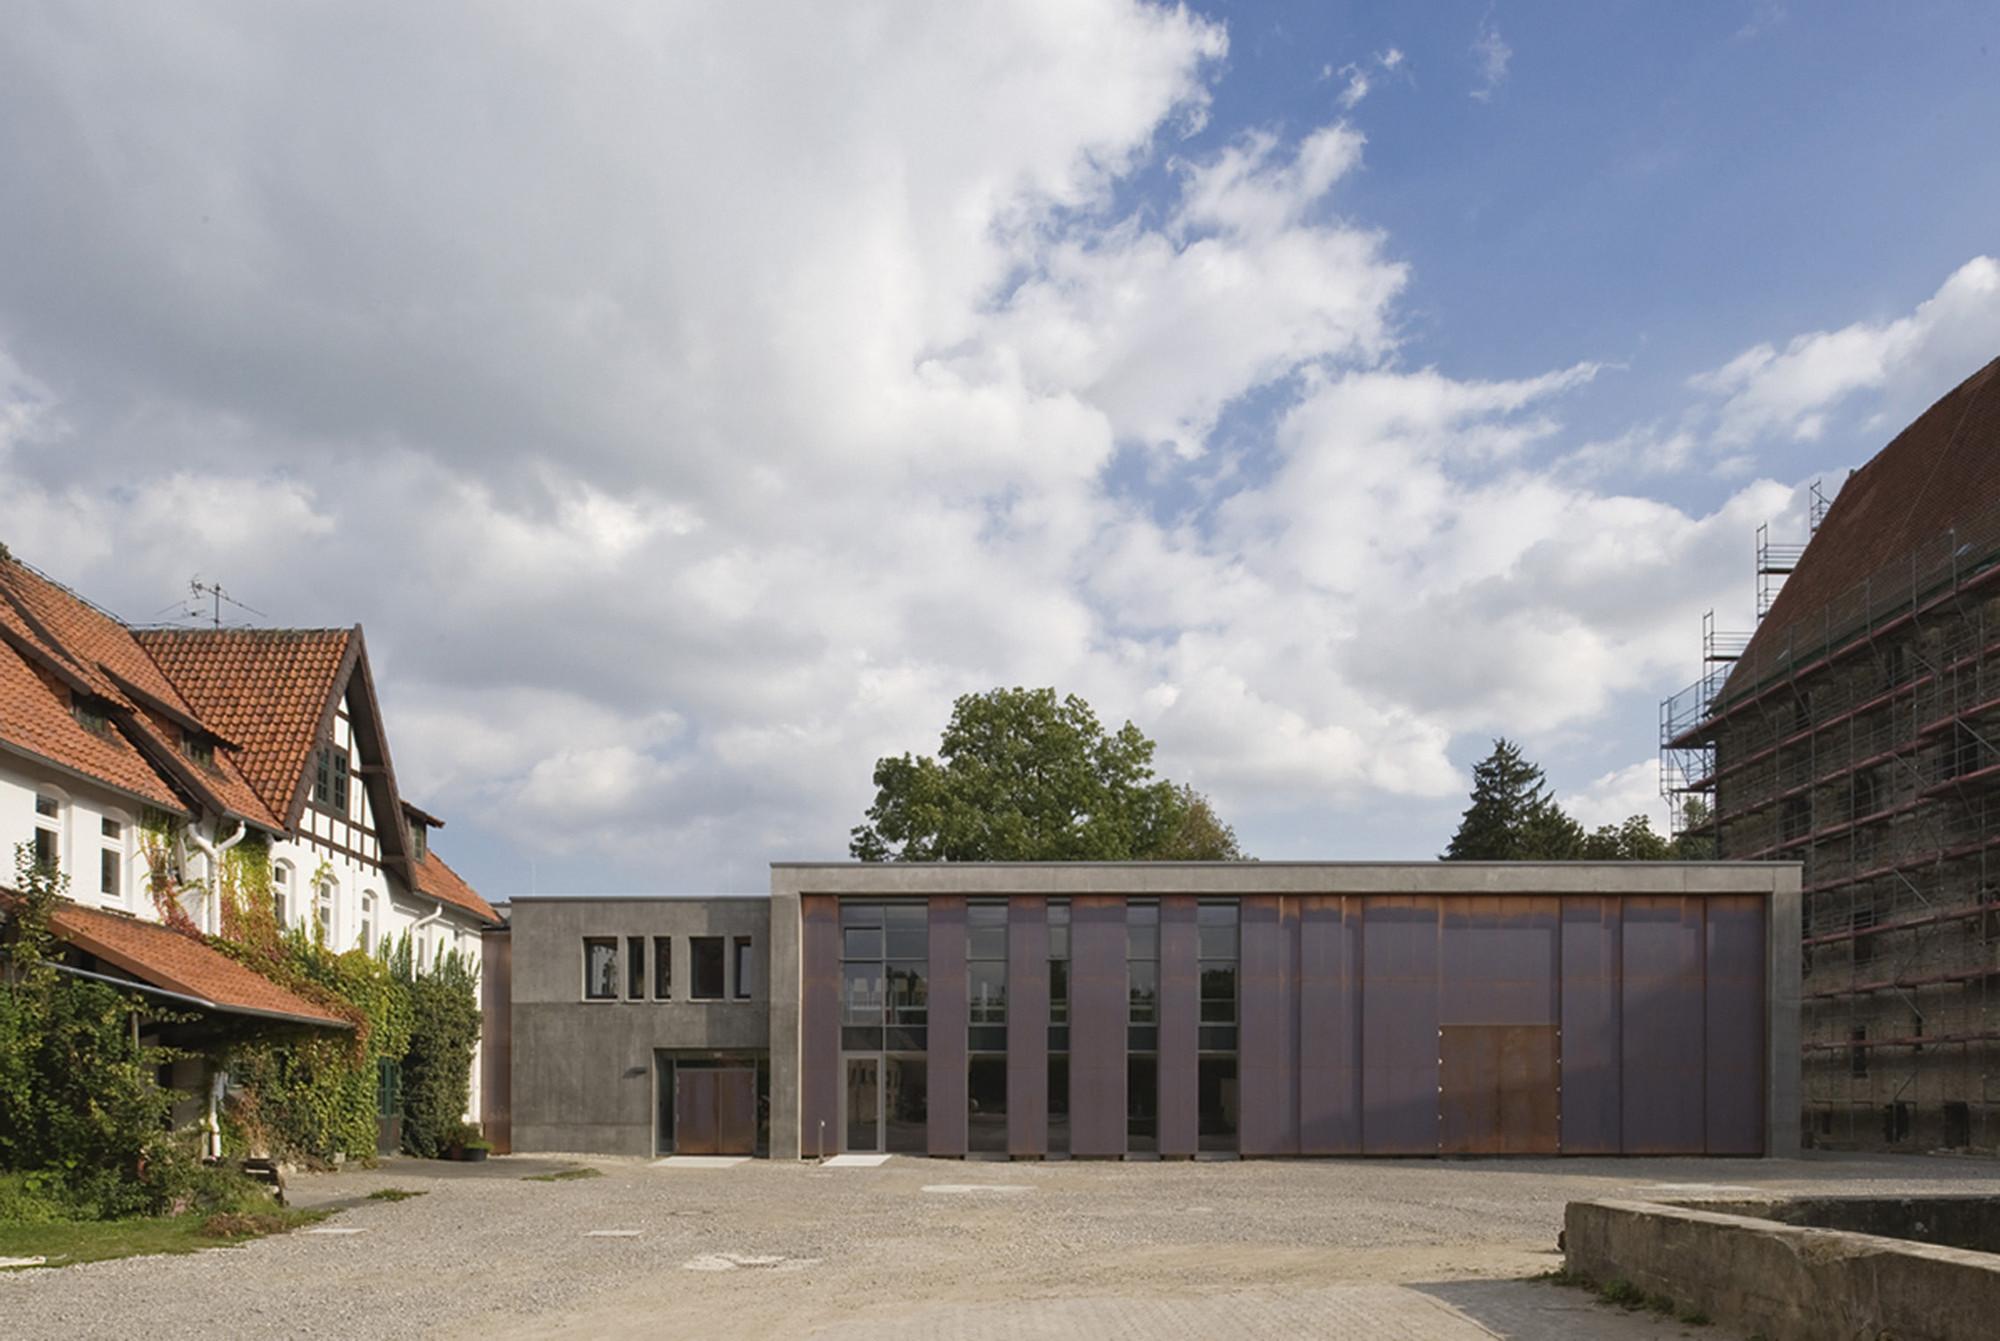 Domäne Hildesheim / agn Niederberghaus & Partner GmbH